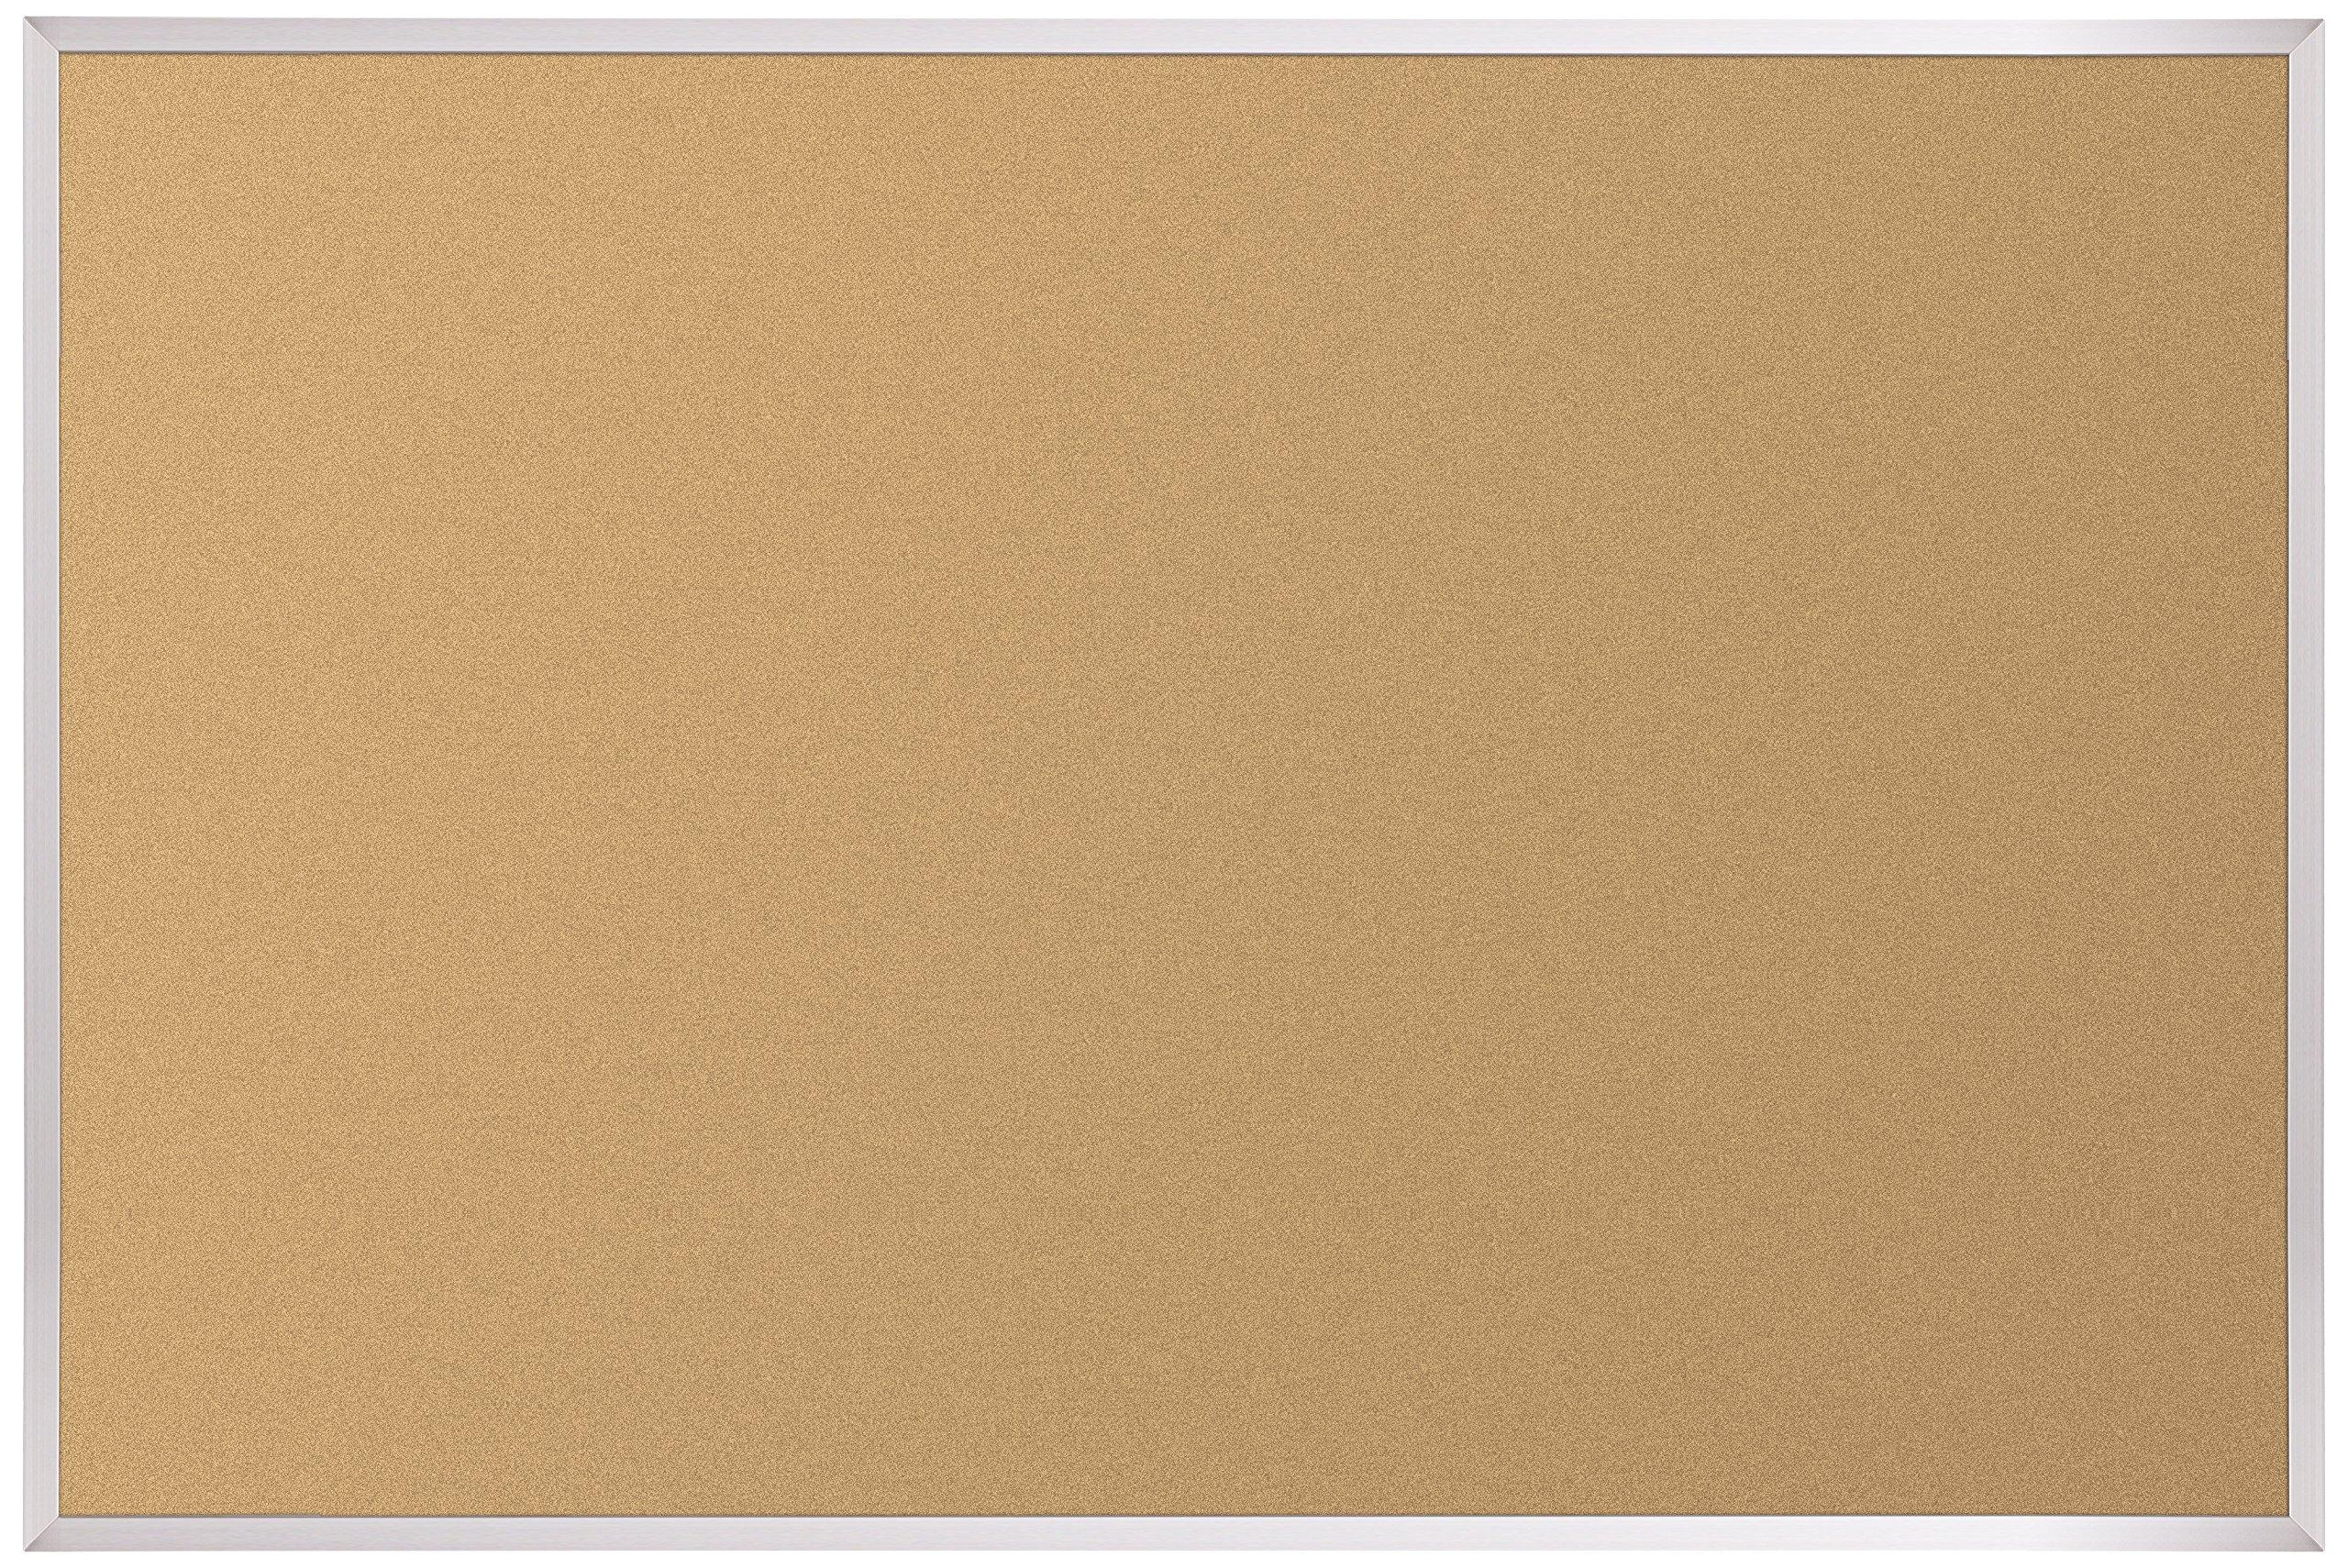 Best-Rite VT Logic Cork Bulletin Board, Aluminum Trim, 4 x 6 Feet (E301AG) by Best-Rite